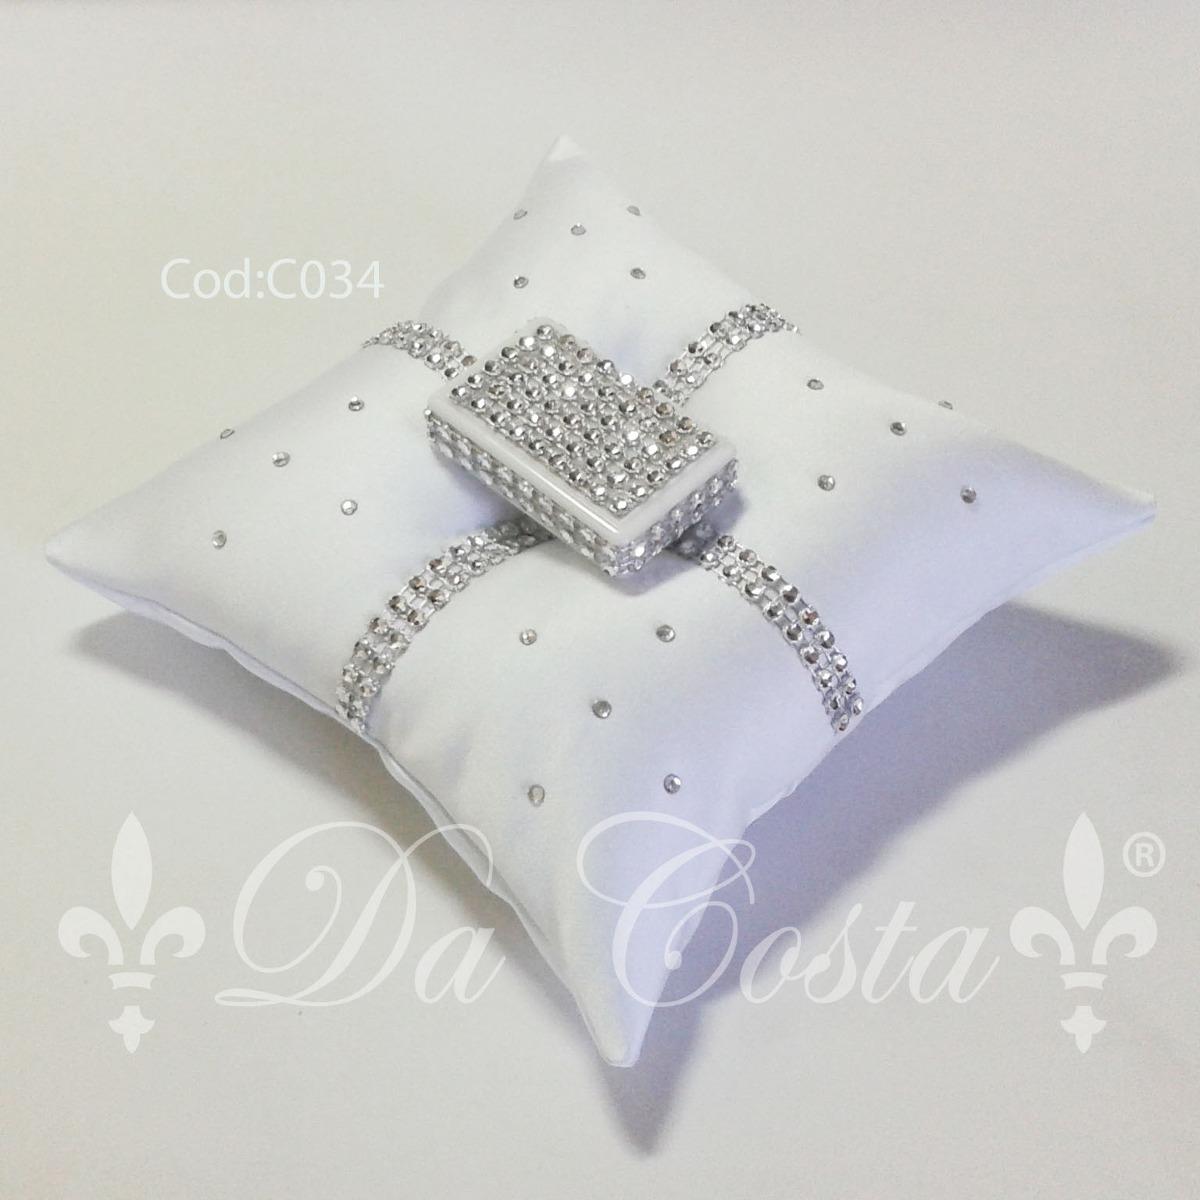 Cojin almohada para anillos aros arras boda matrimonio for Cojines para cama de matrimonio